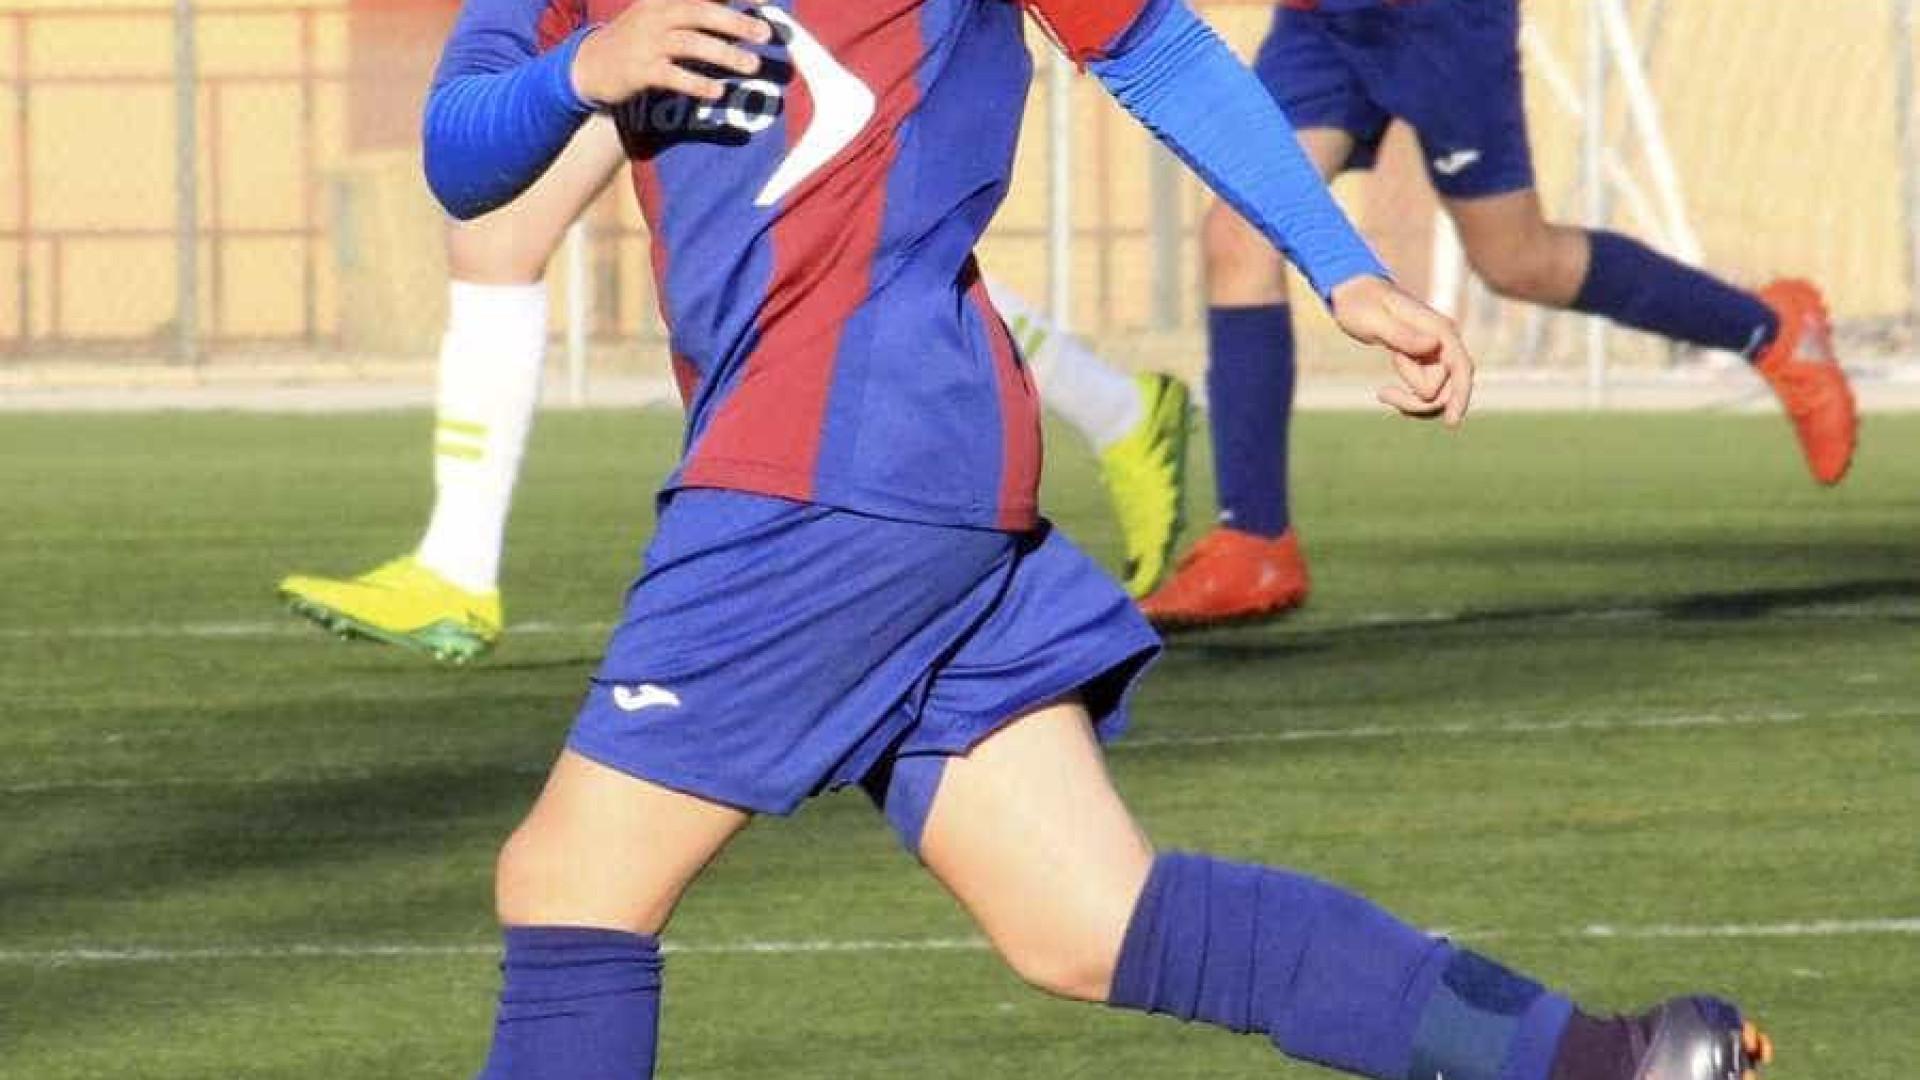 Jovem de 15 anos morre a jogar futebol